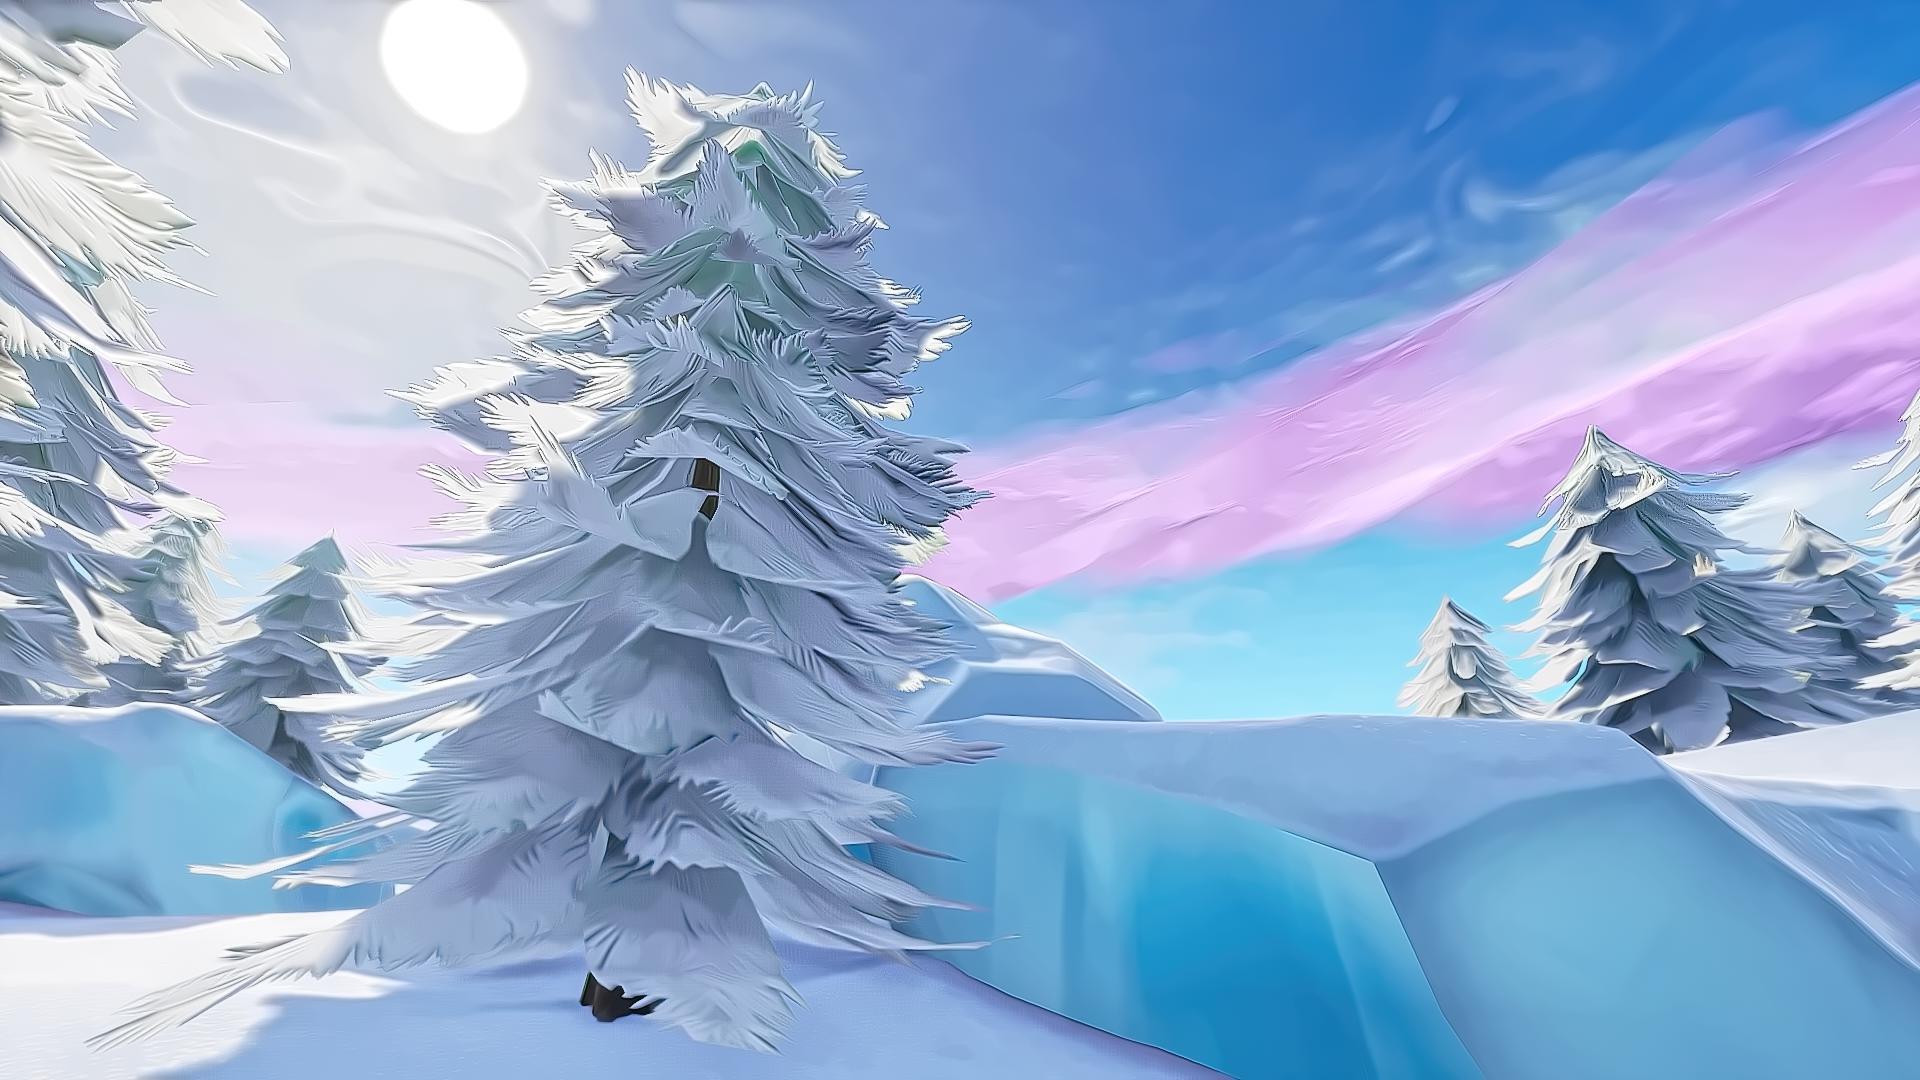 Fortnite Christmas Desktop Wallpapers On Wallpaperdog